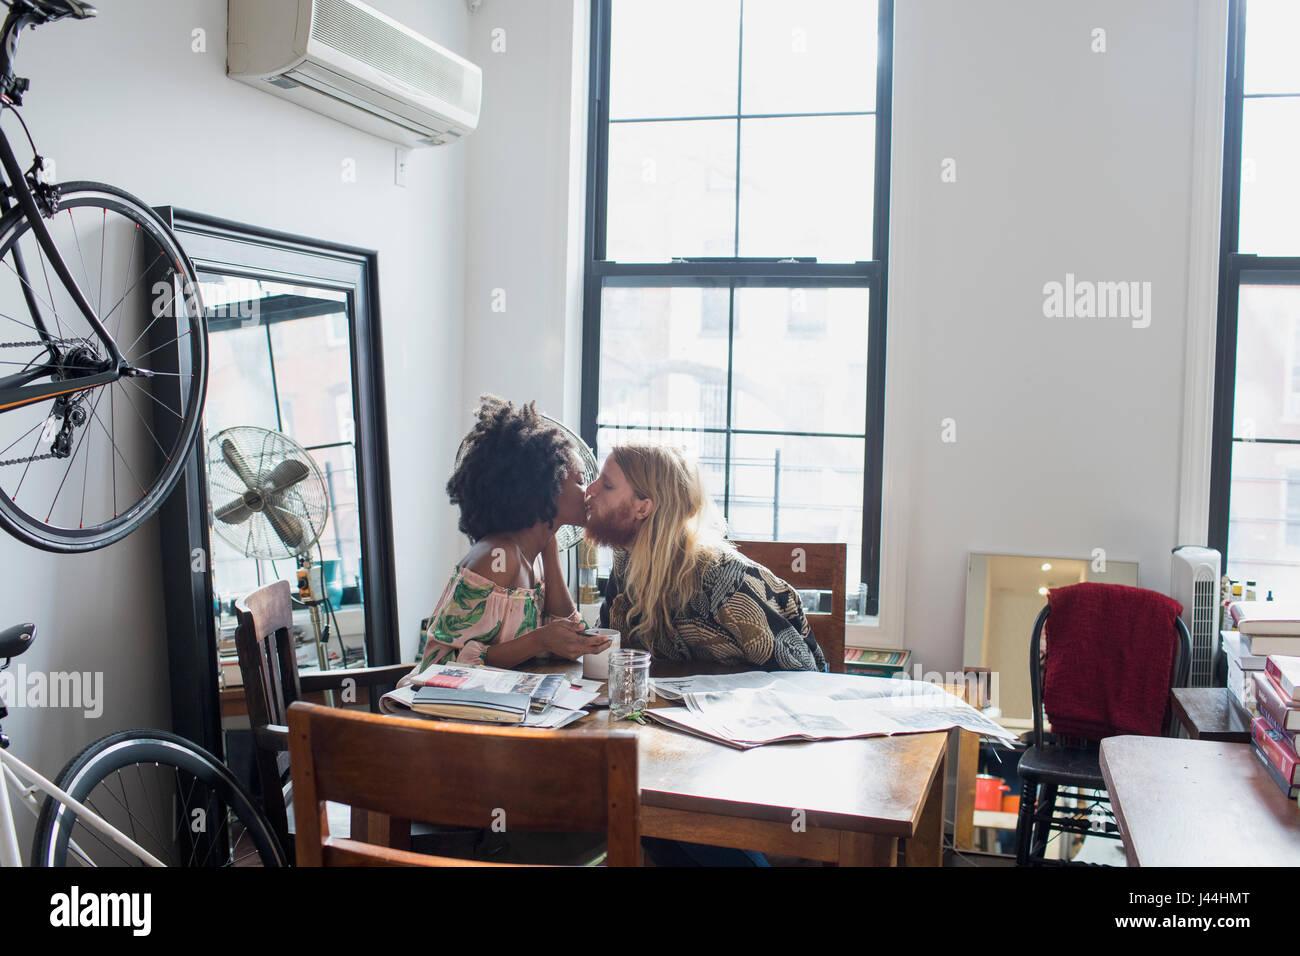 Una giovane coppia baciare a un tavolo da pranzo Immagini Stock